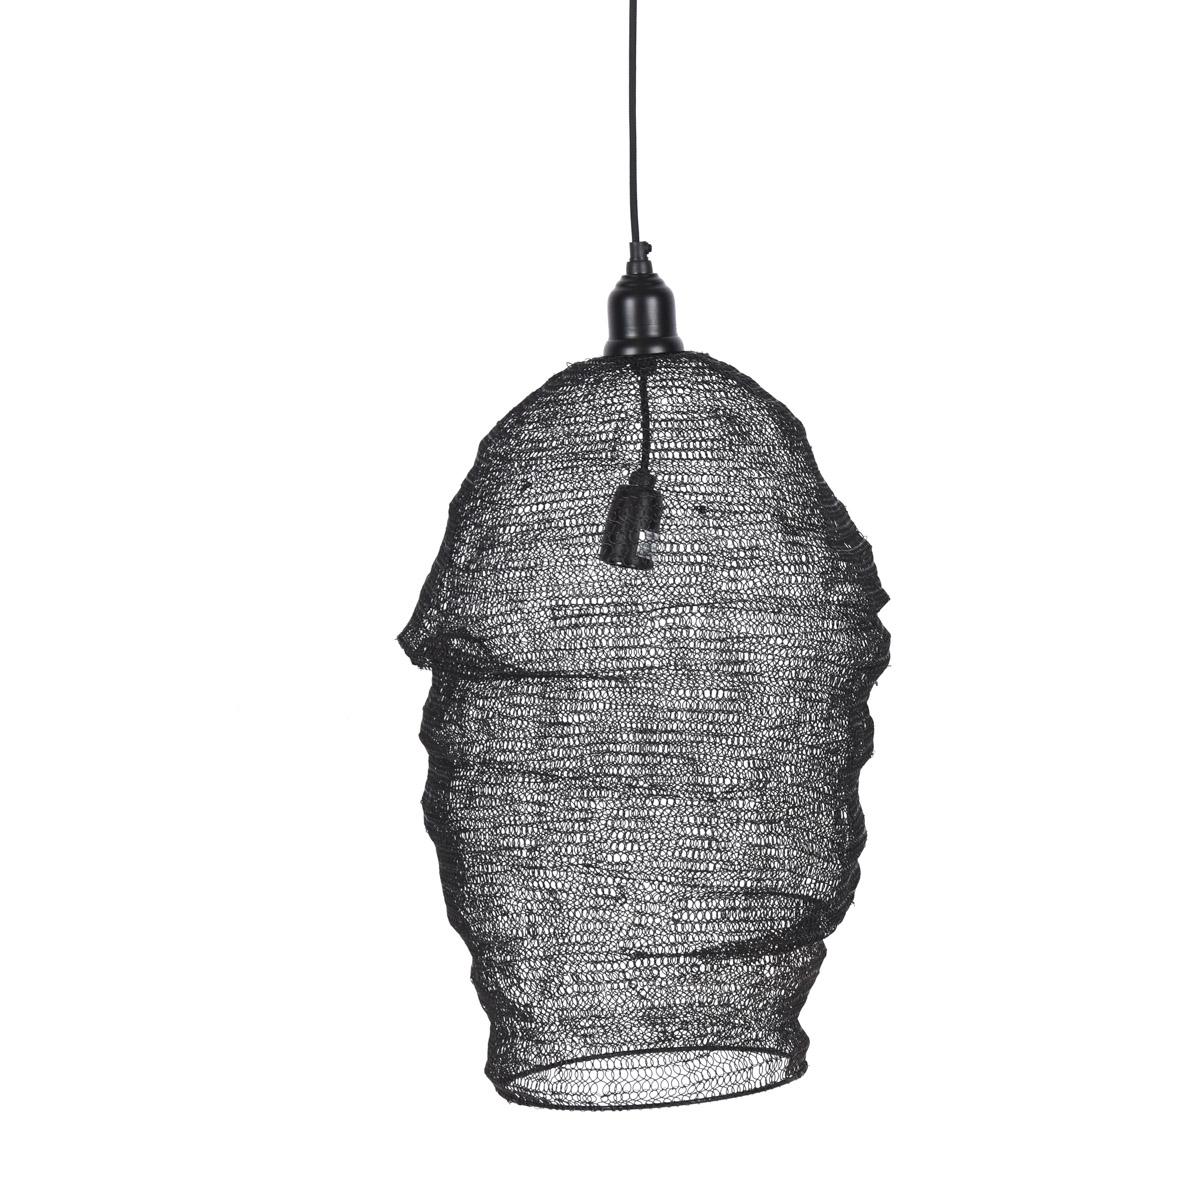 Pendelleuchte Maschen Metall schwarz 40x57cm